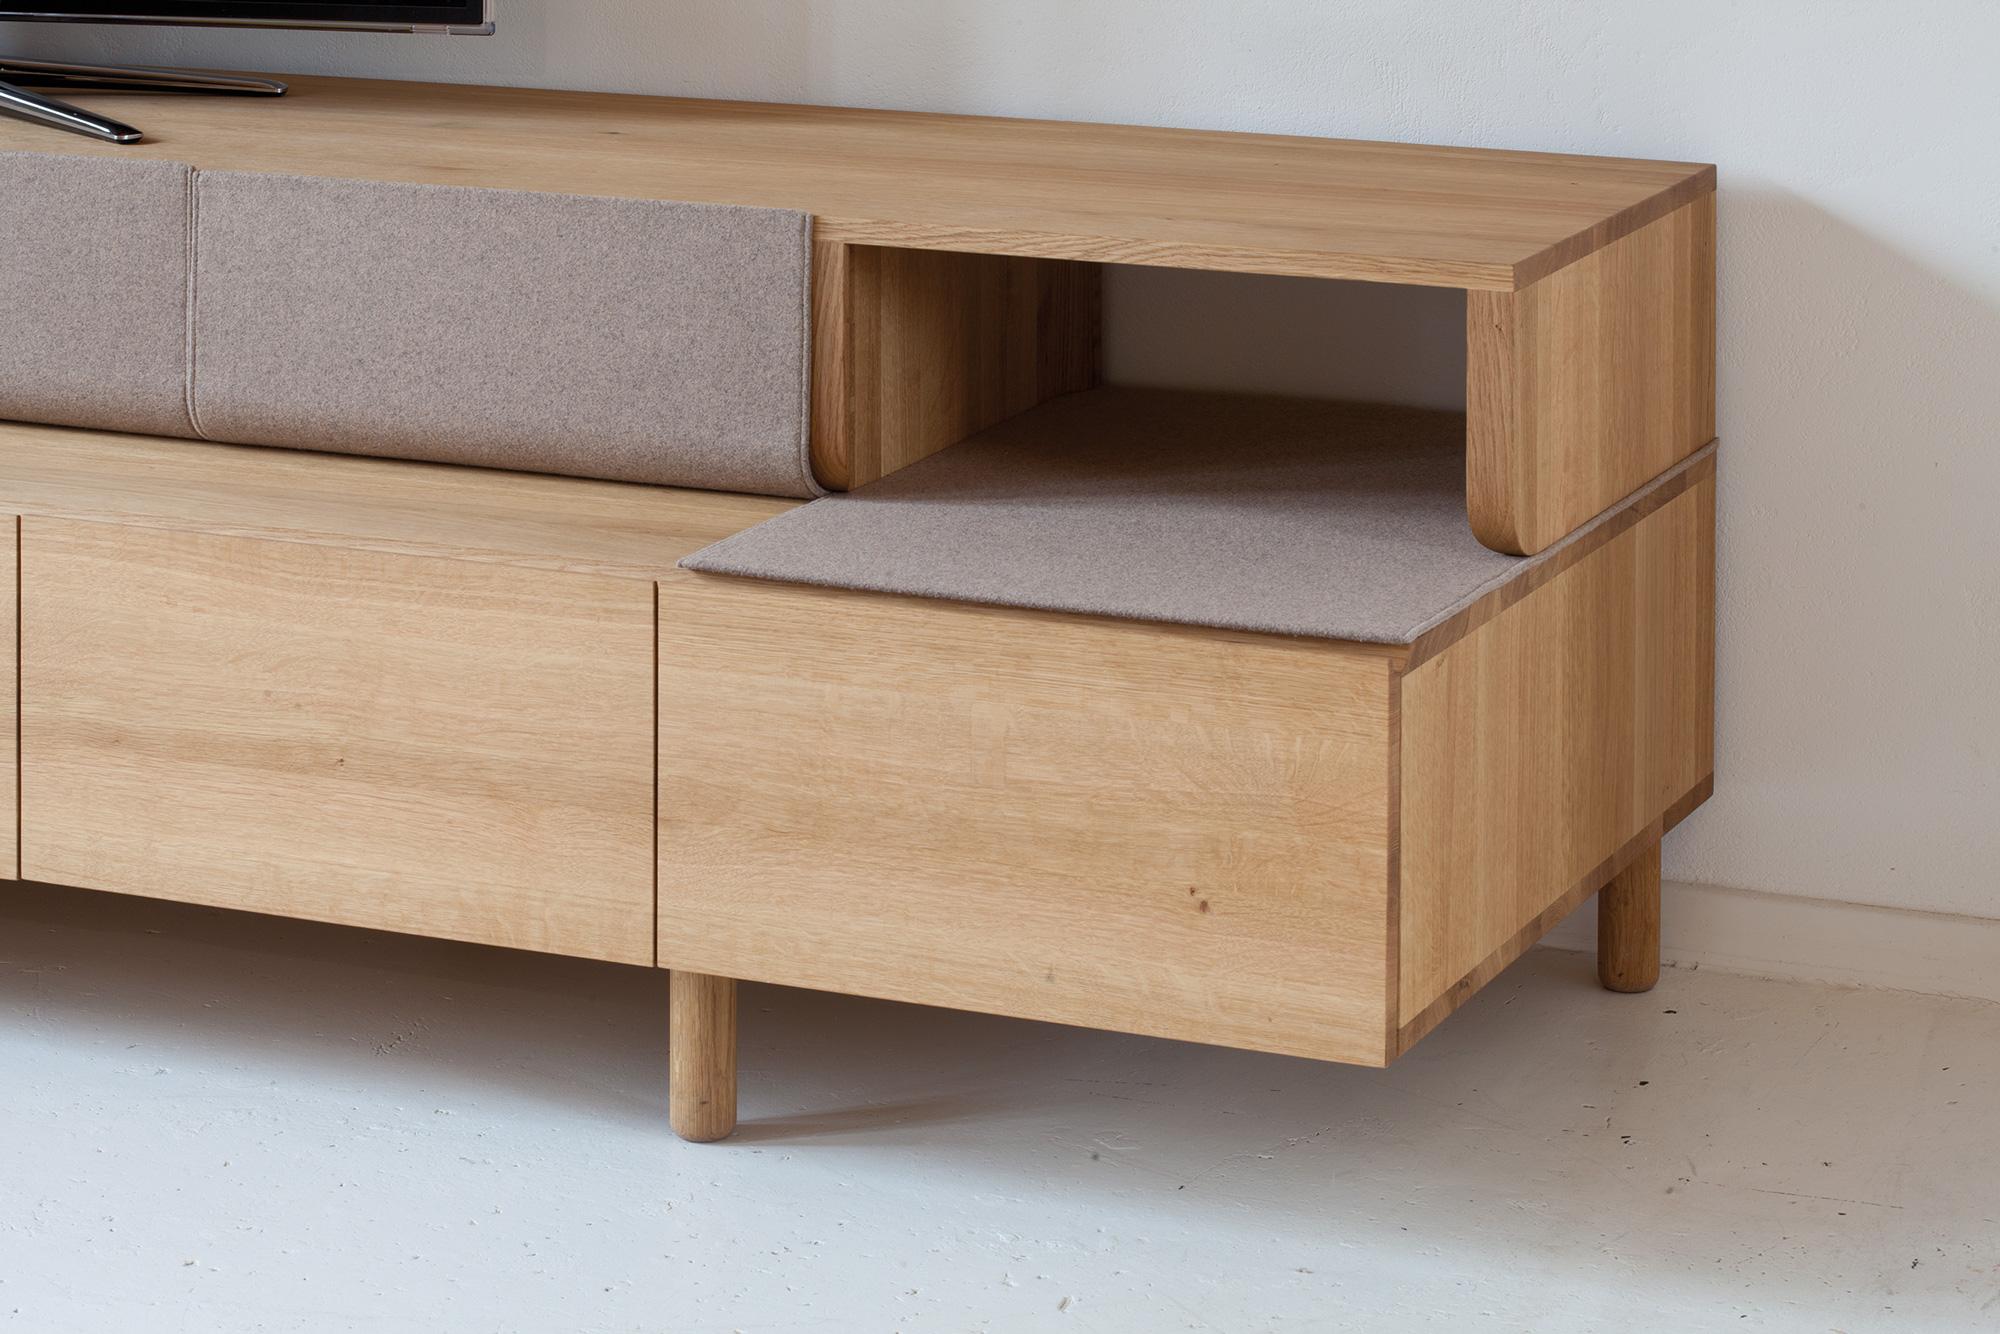 mediensideboards lignum arts kollektion lignum arts. Black Bedroom Furniture Sets. Home Design Ideas